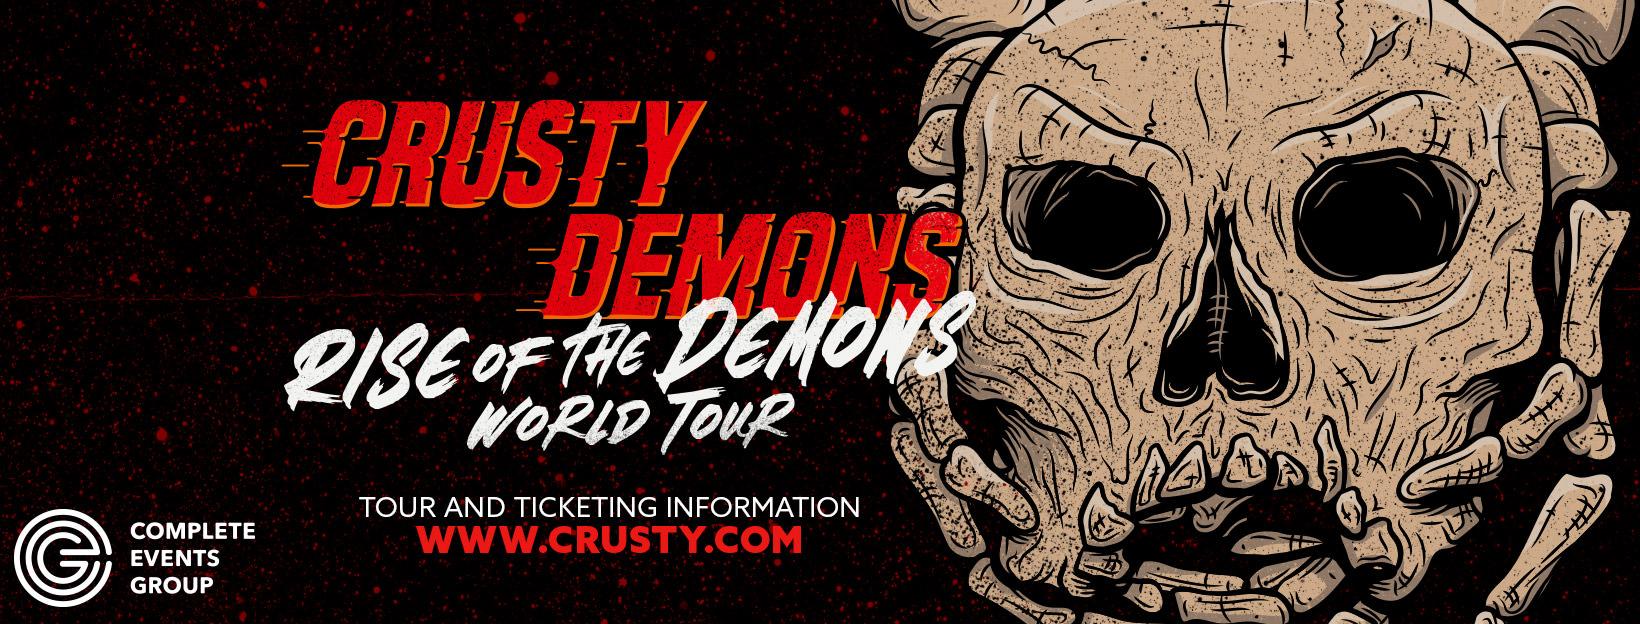 Crusty-Demons---Rise-of-the-Demons---Facebook-Header.jpg